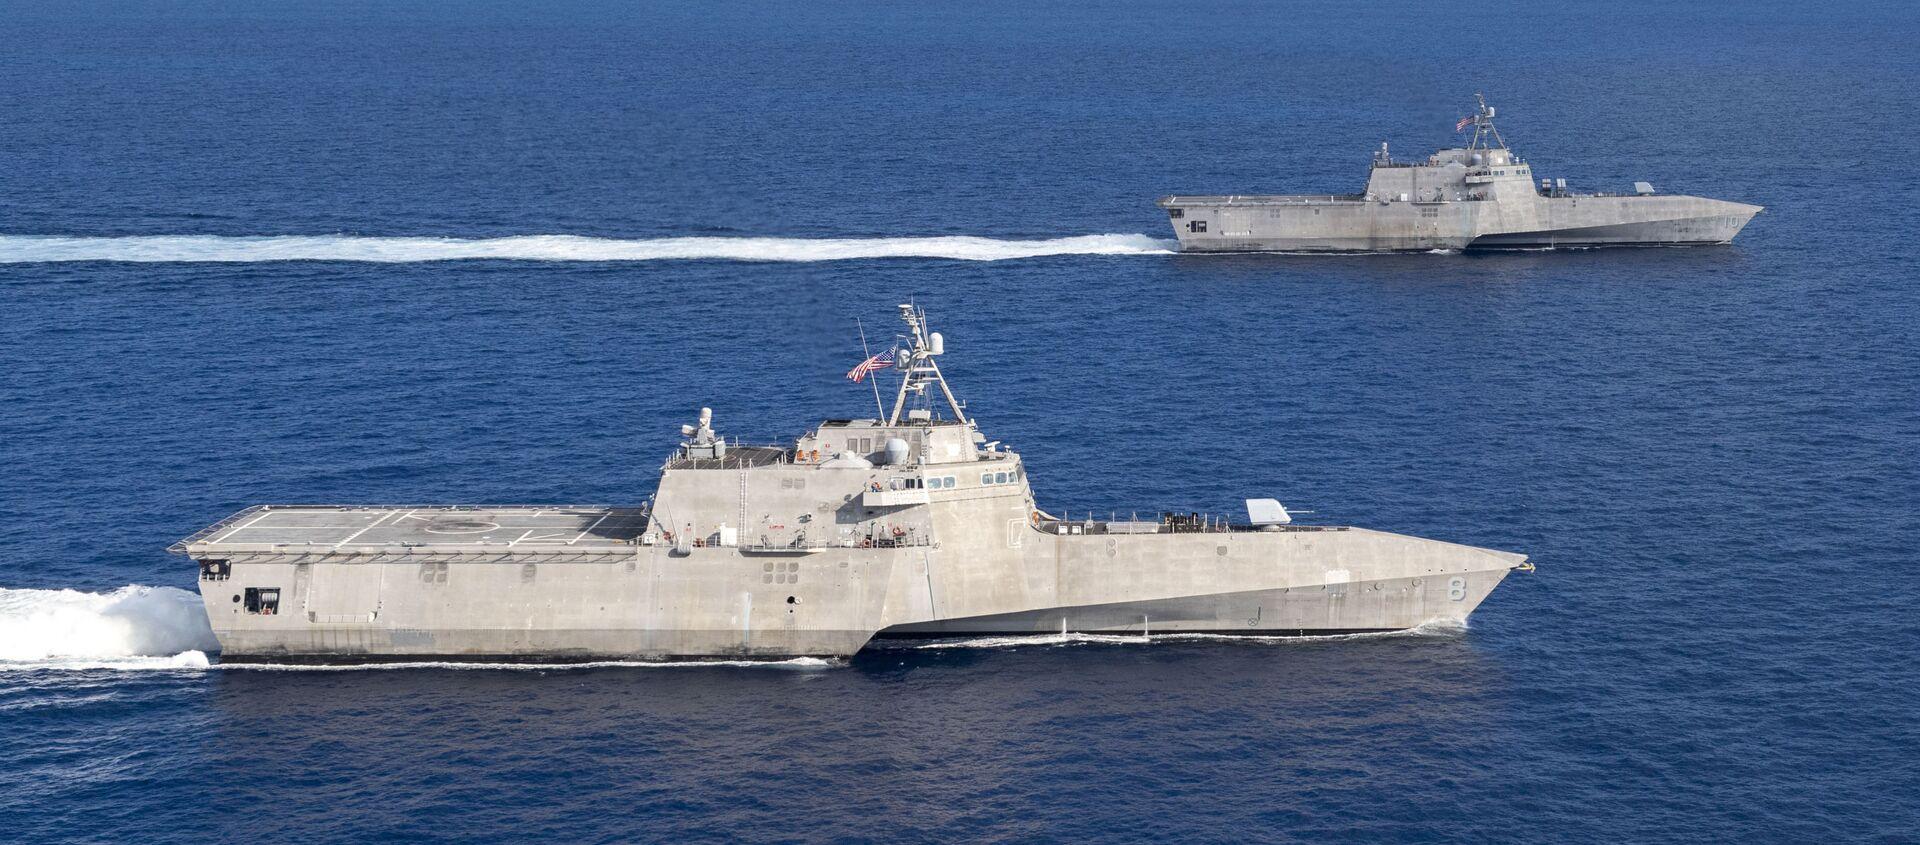 USS Montgomery (LCS 8) USS và Gabrielle Giffords (LCS 10) tàu chiến duyên hải ở Biển Đông vào ngày 28 tháng 1 năm 2020. - Sputnik Việt Nam, 1920, 05.03.2021